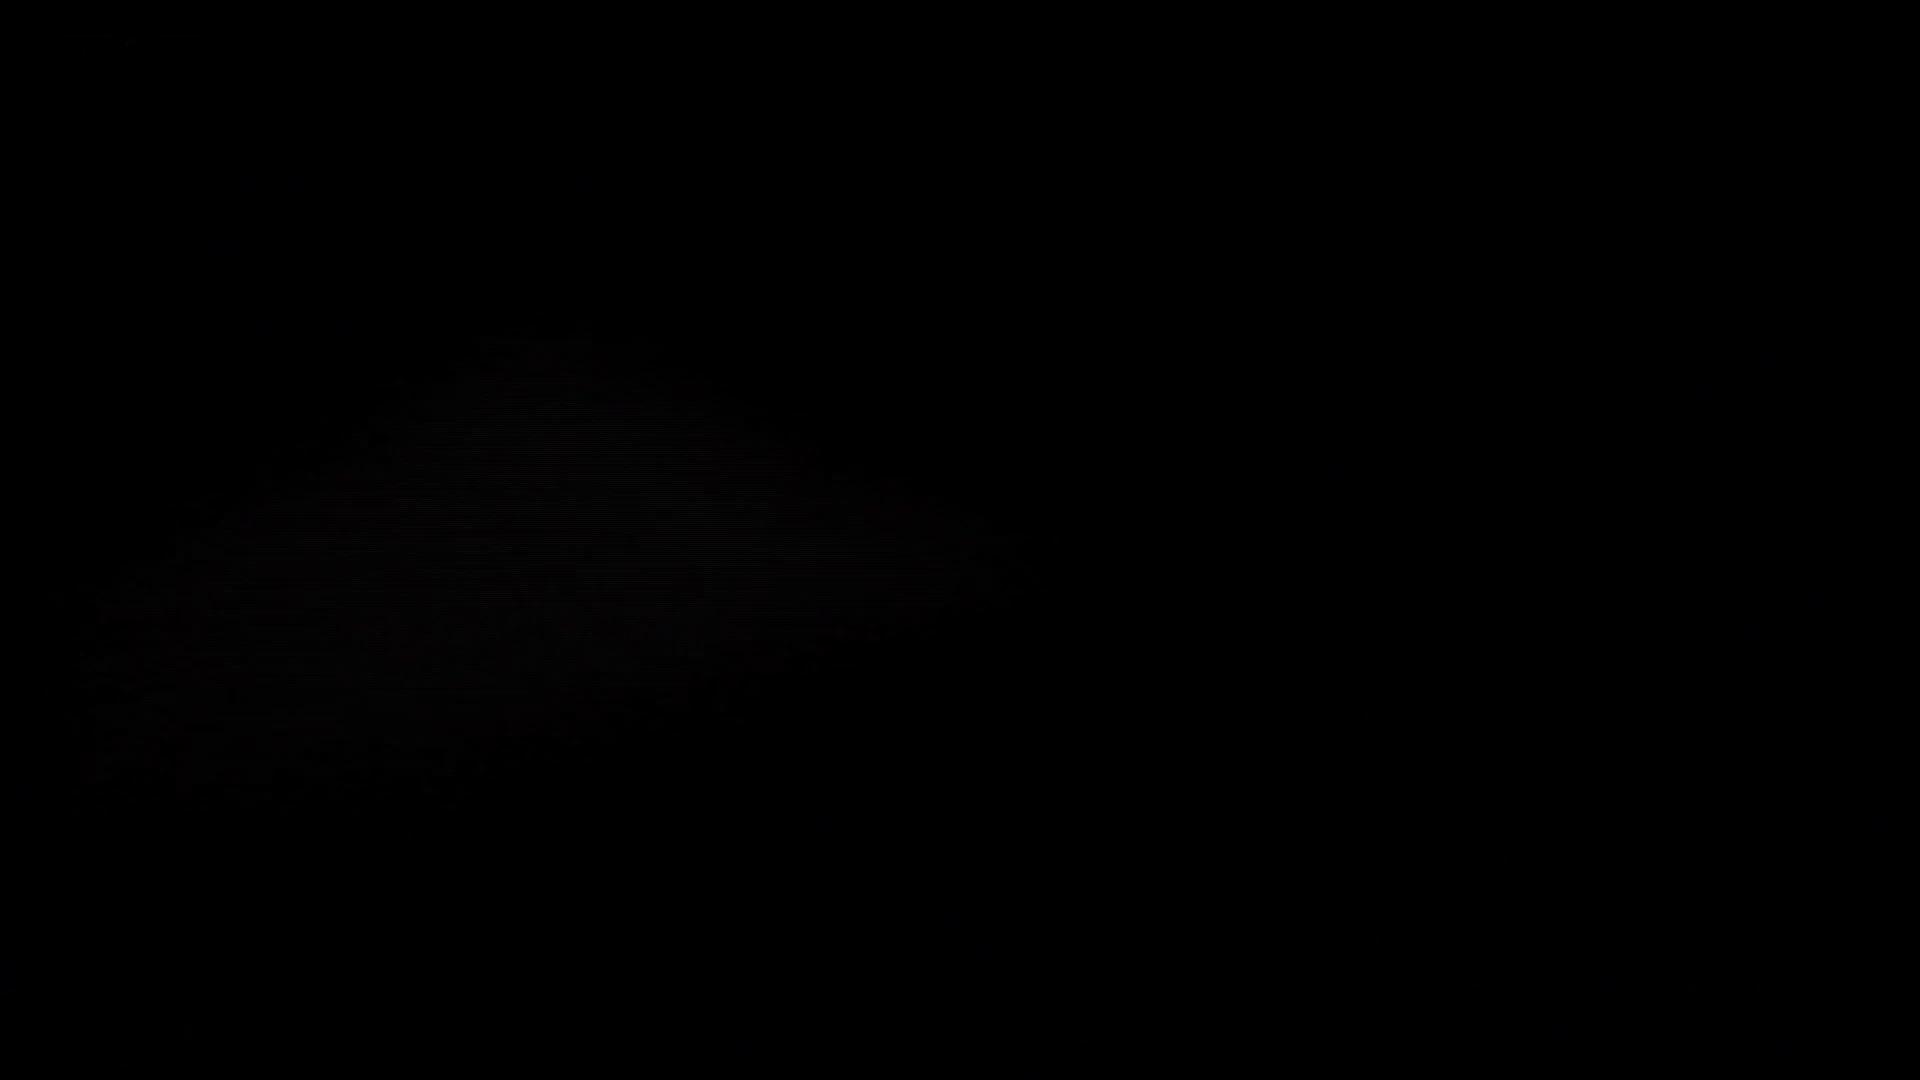 ステーション編 vol.38 画質格段にUP! 盛合せ | 高画質  67画像 22